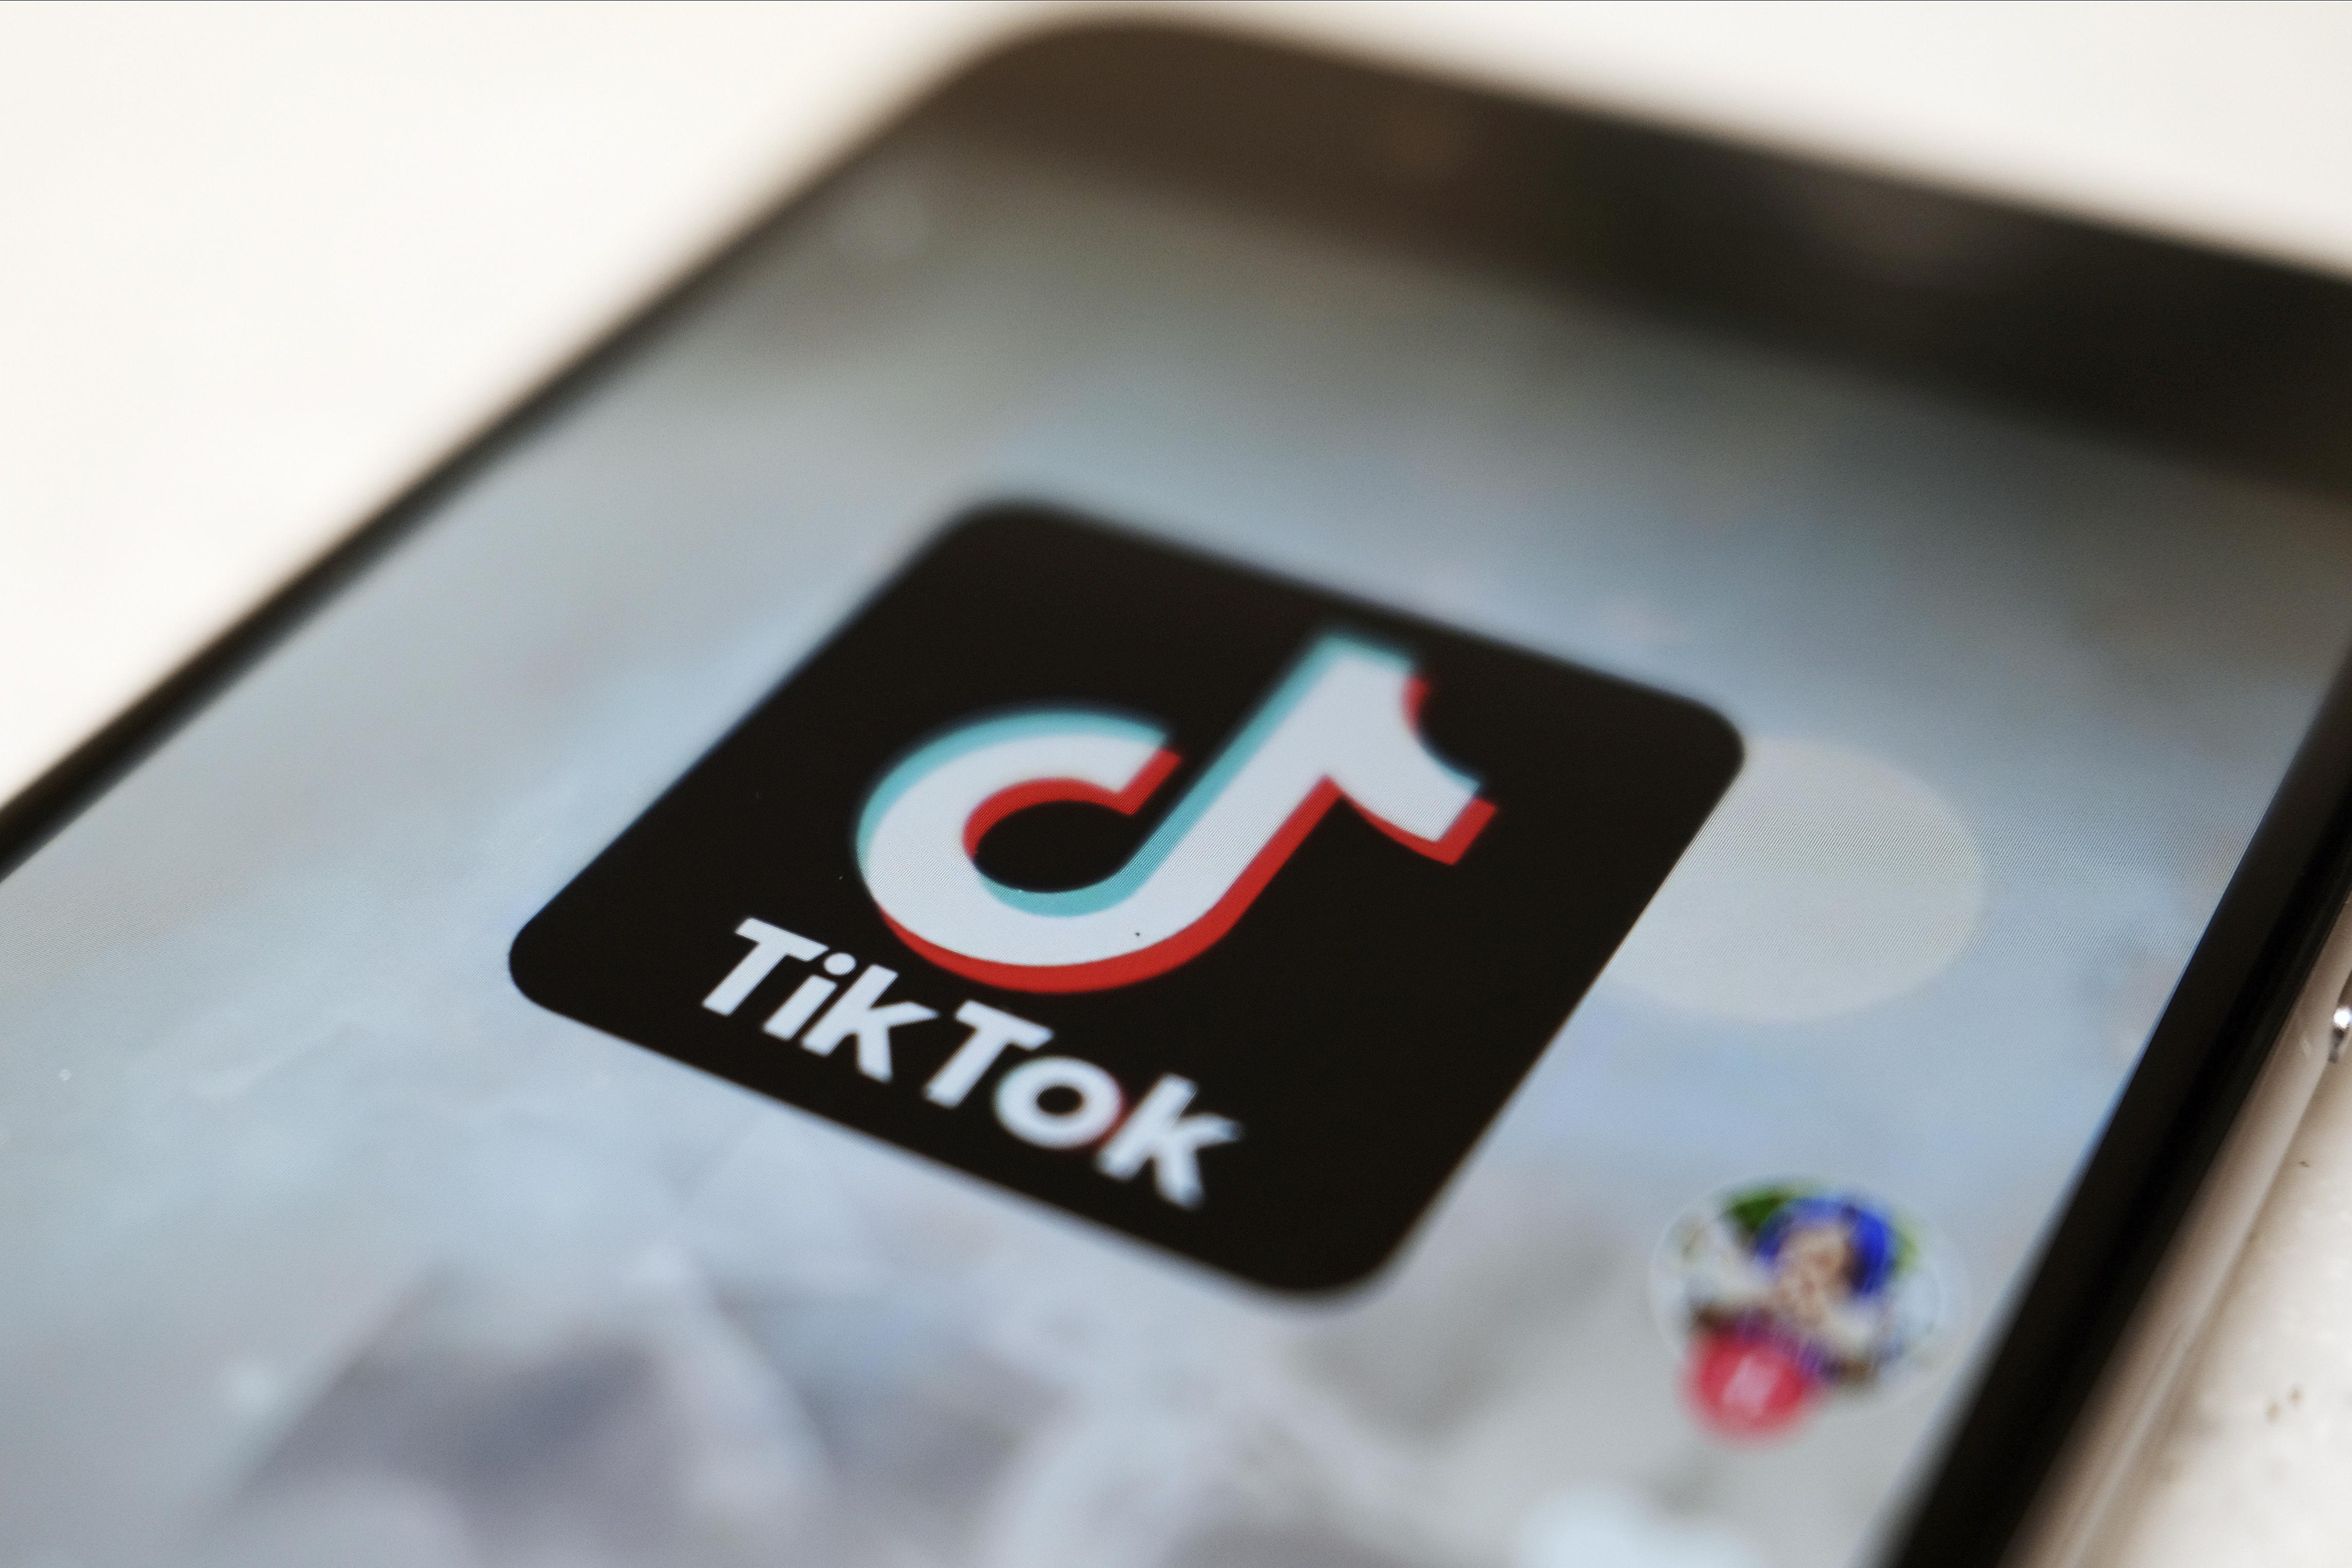 TikTok'tan Shopify işbirliği ile alışveriş sekmesi